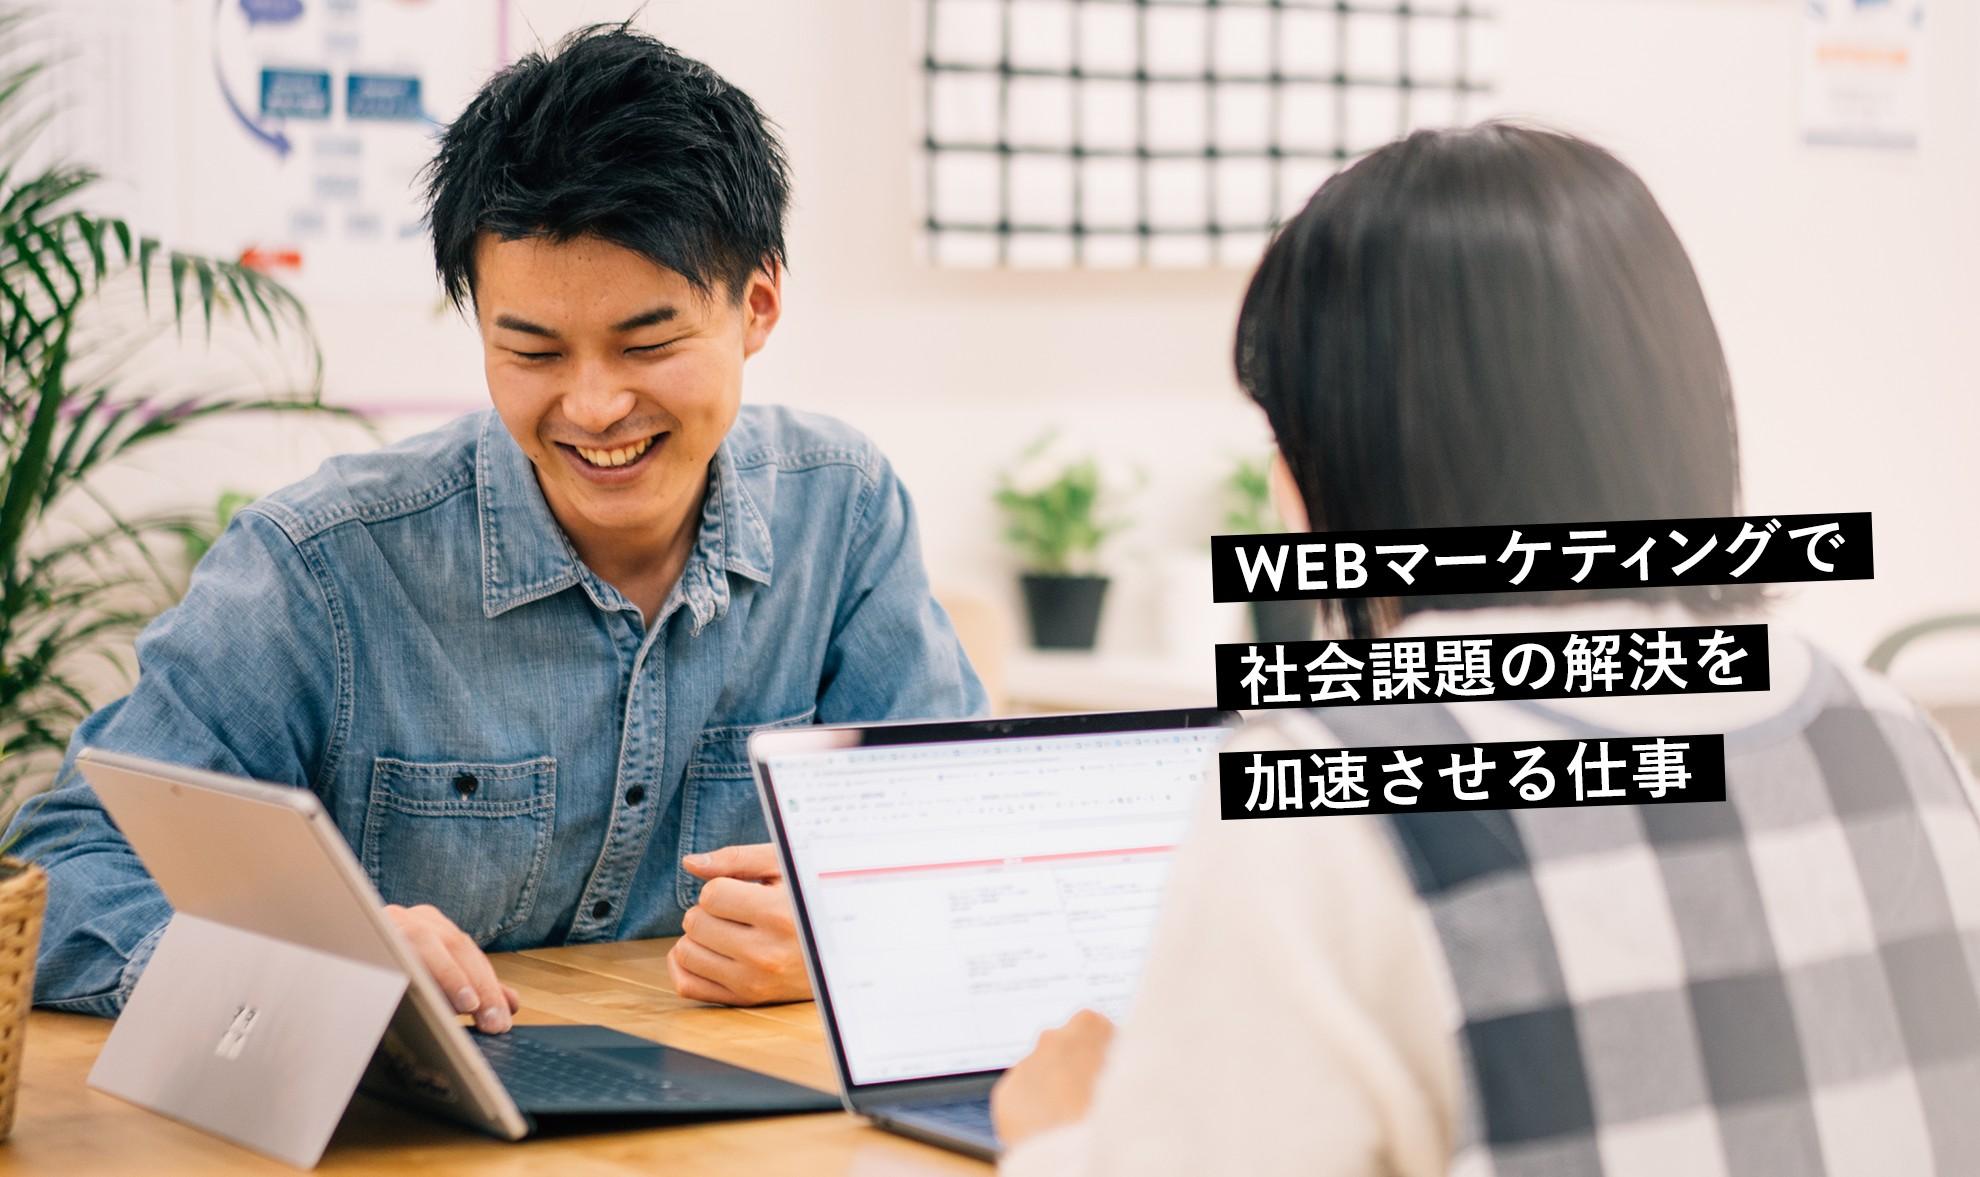 【2020年9月】求人募集!子どもや若者の未来をつくる仕事5選